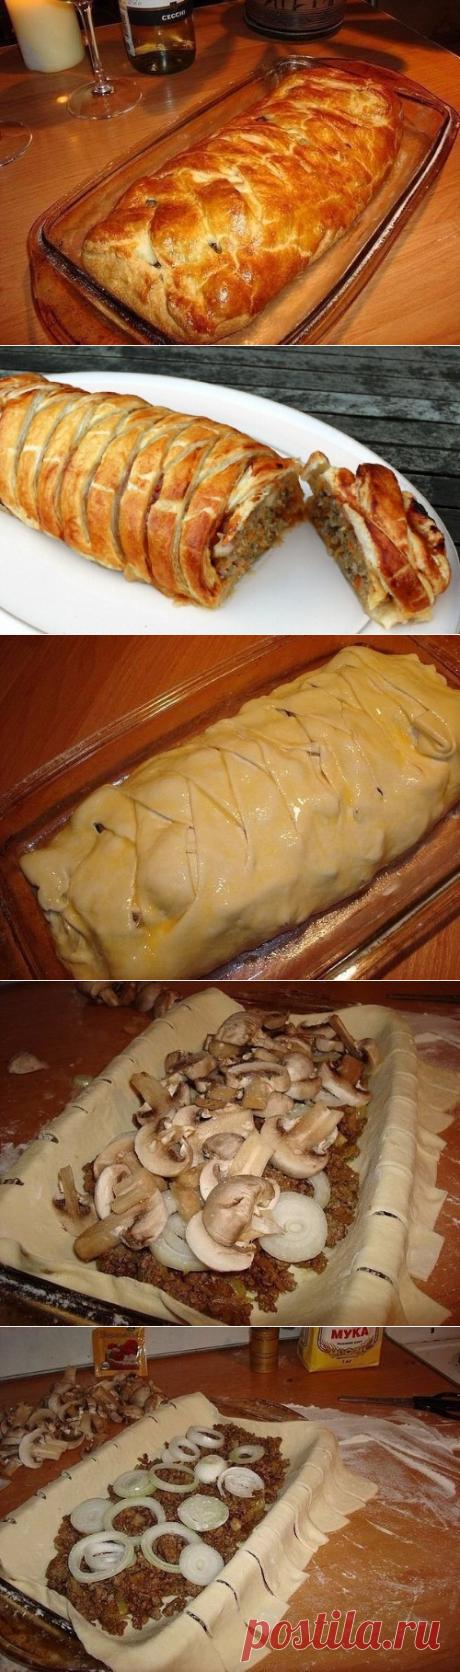 Быстрый пирог с грибами и мясом. Сытный, быстрый большой пирог с мясом к вечернему ужину!